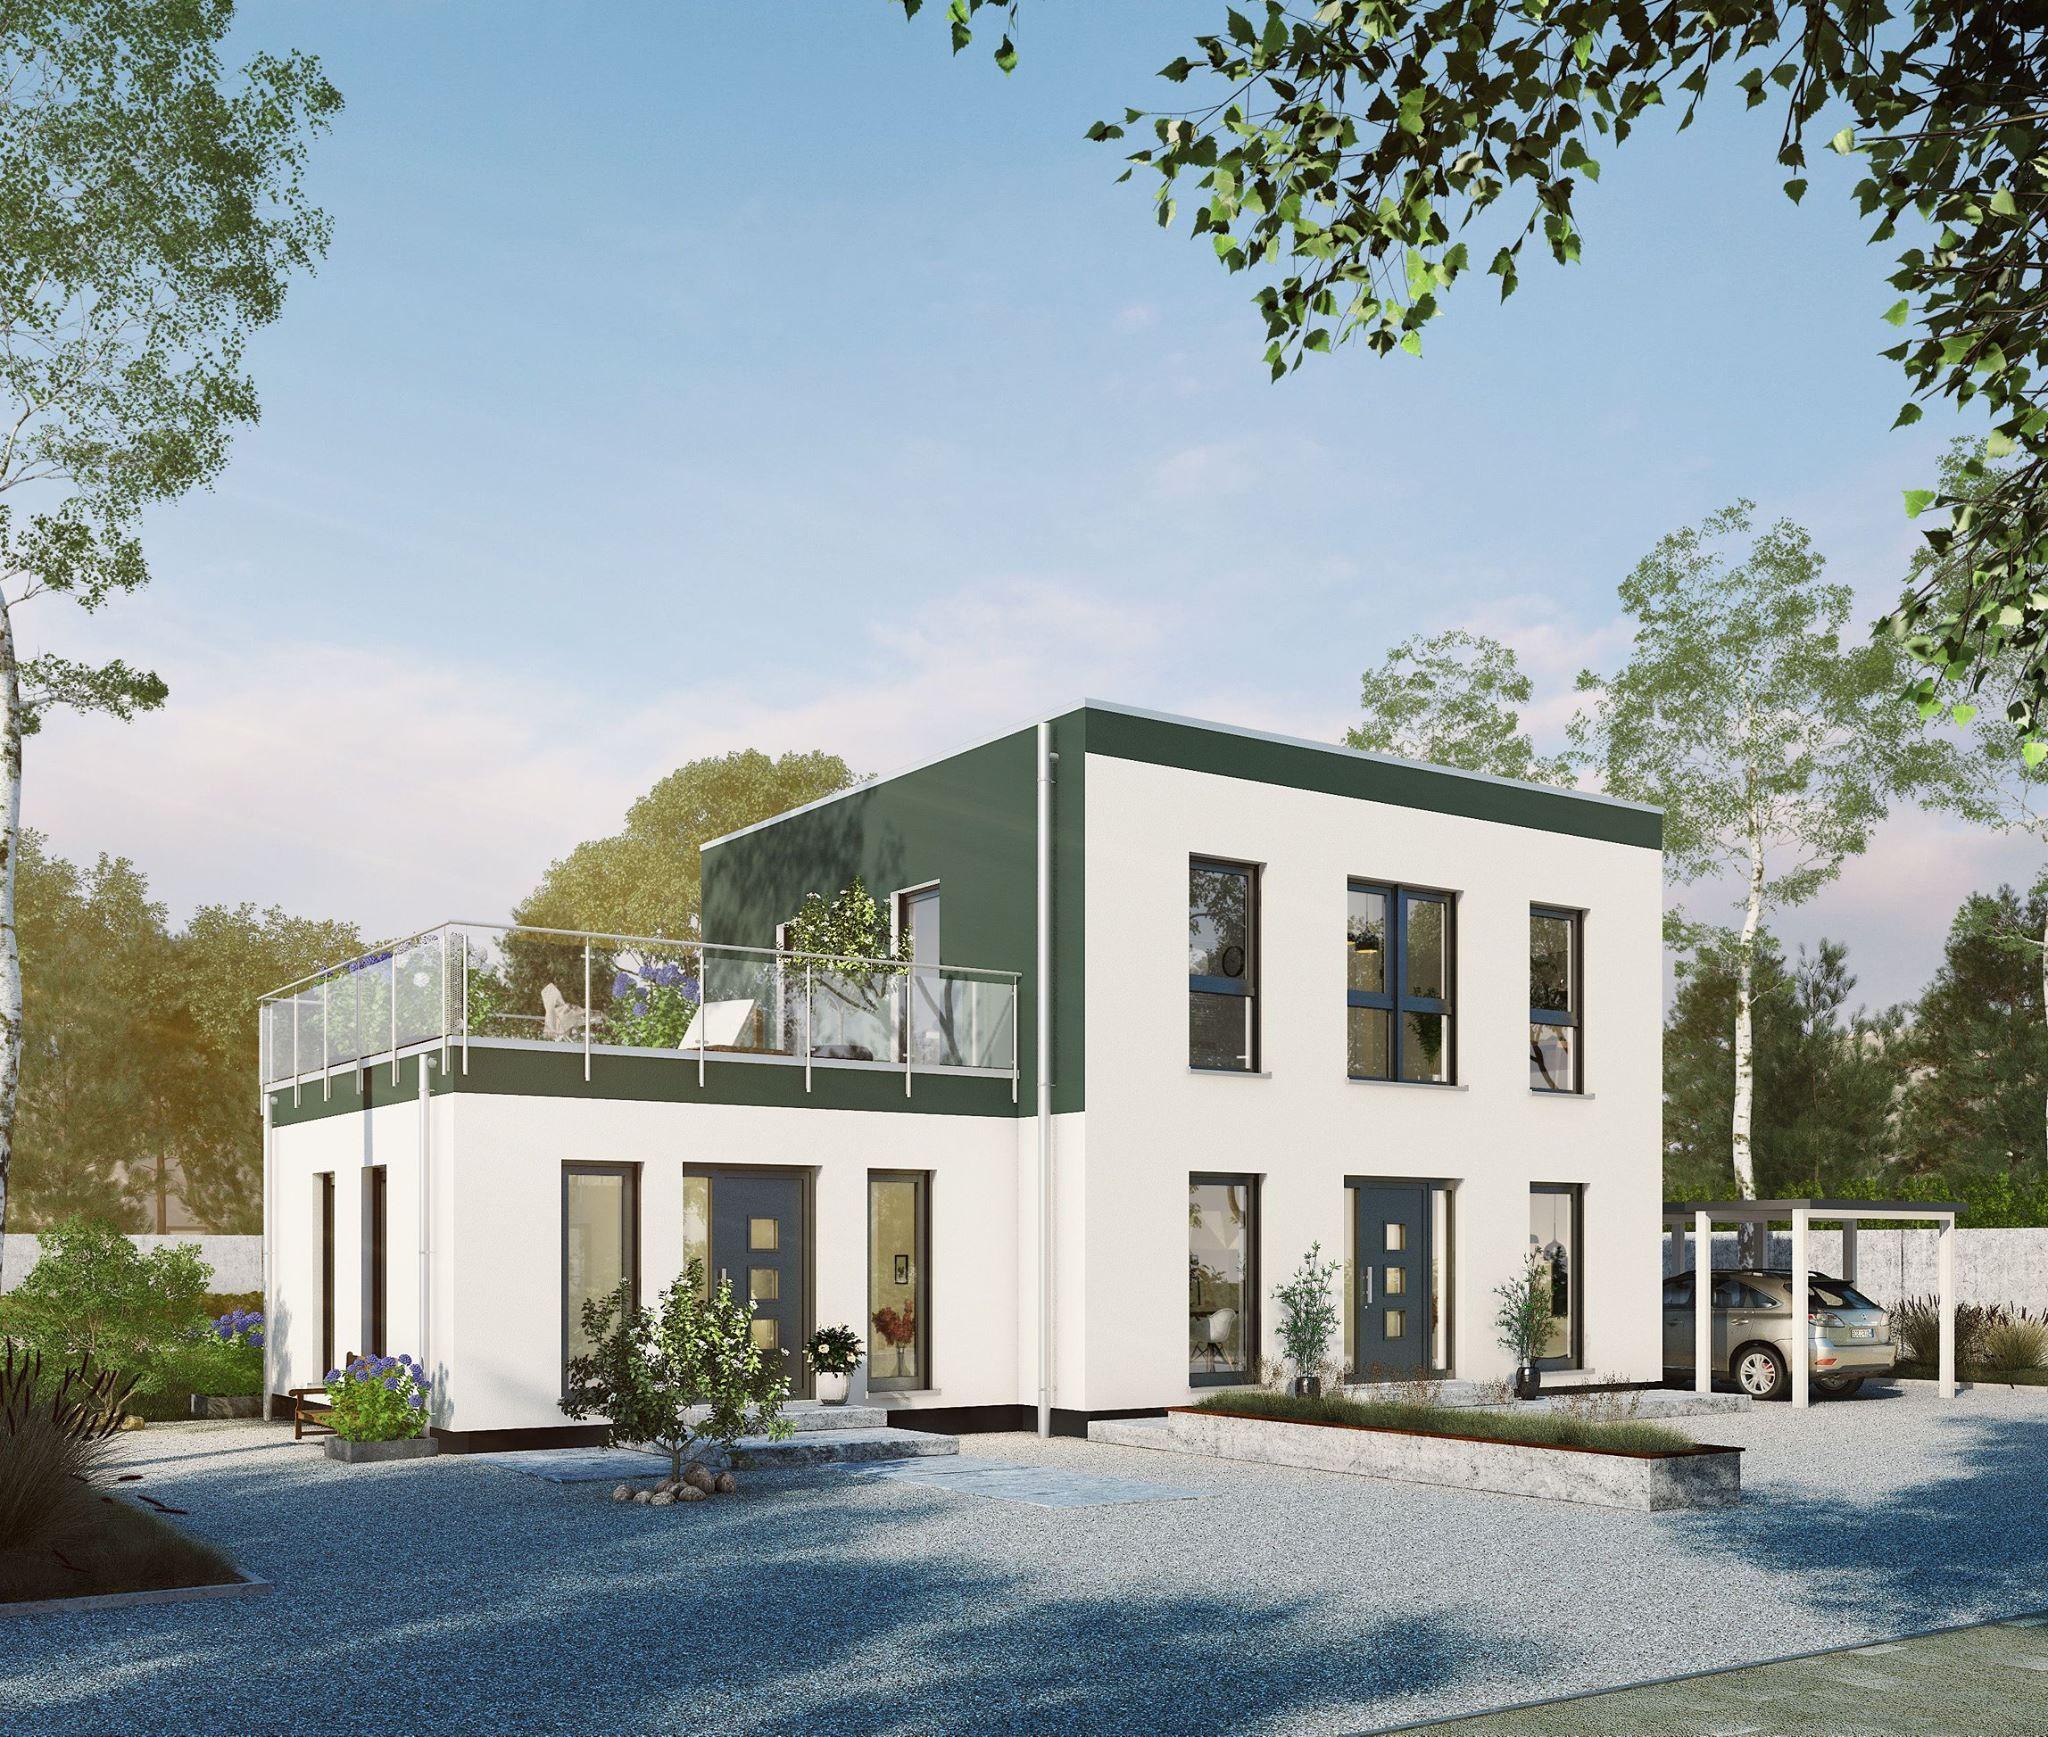 Moderner Stadtvillen-Entwurf mit großer Dachterrasse von OKAL | Neue ...